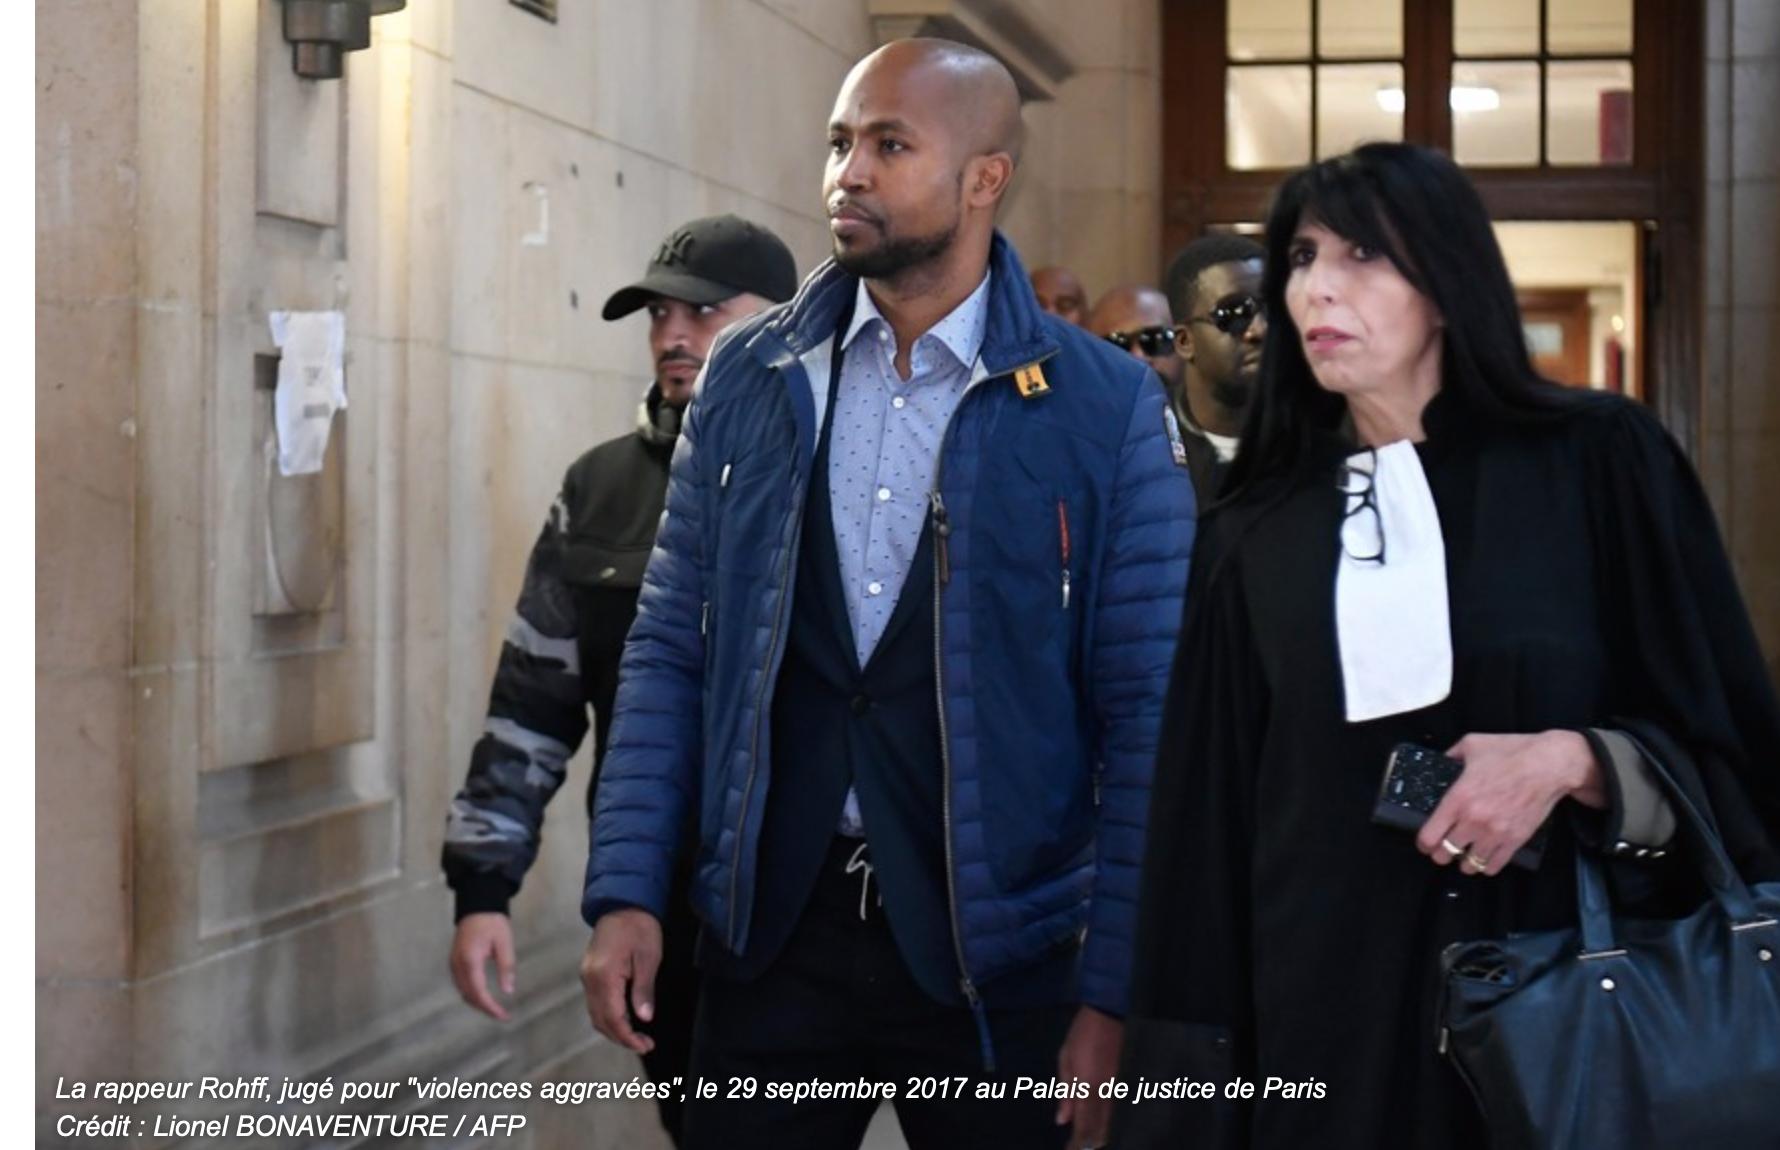 Condamnation du rappeur Rohff… et hop ! 5 ans au trou ! Mais Kooba, lui, est toujours en liberté ?